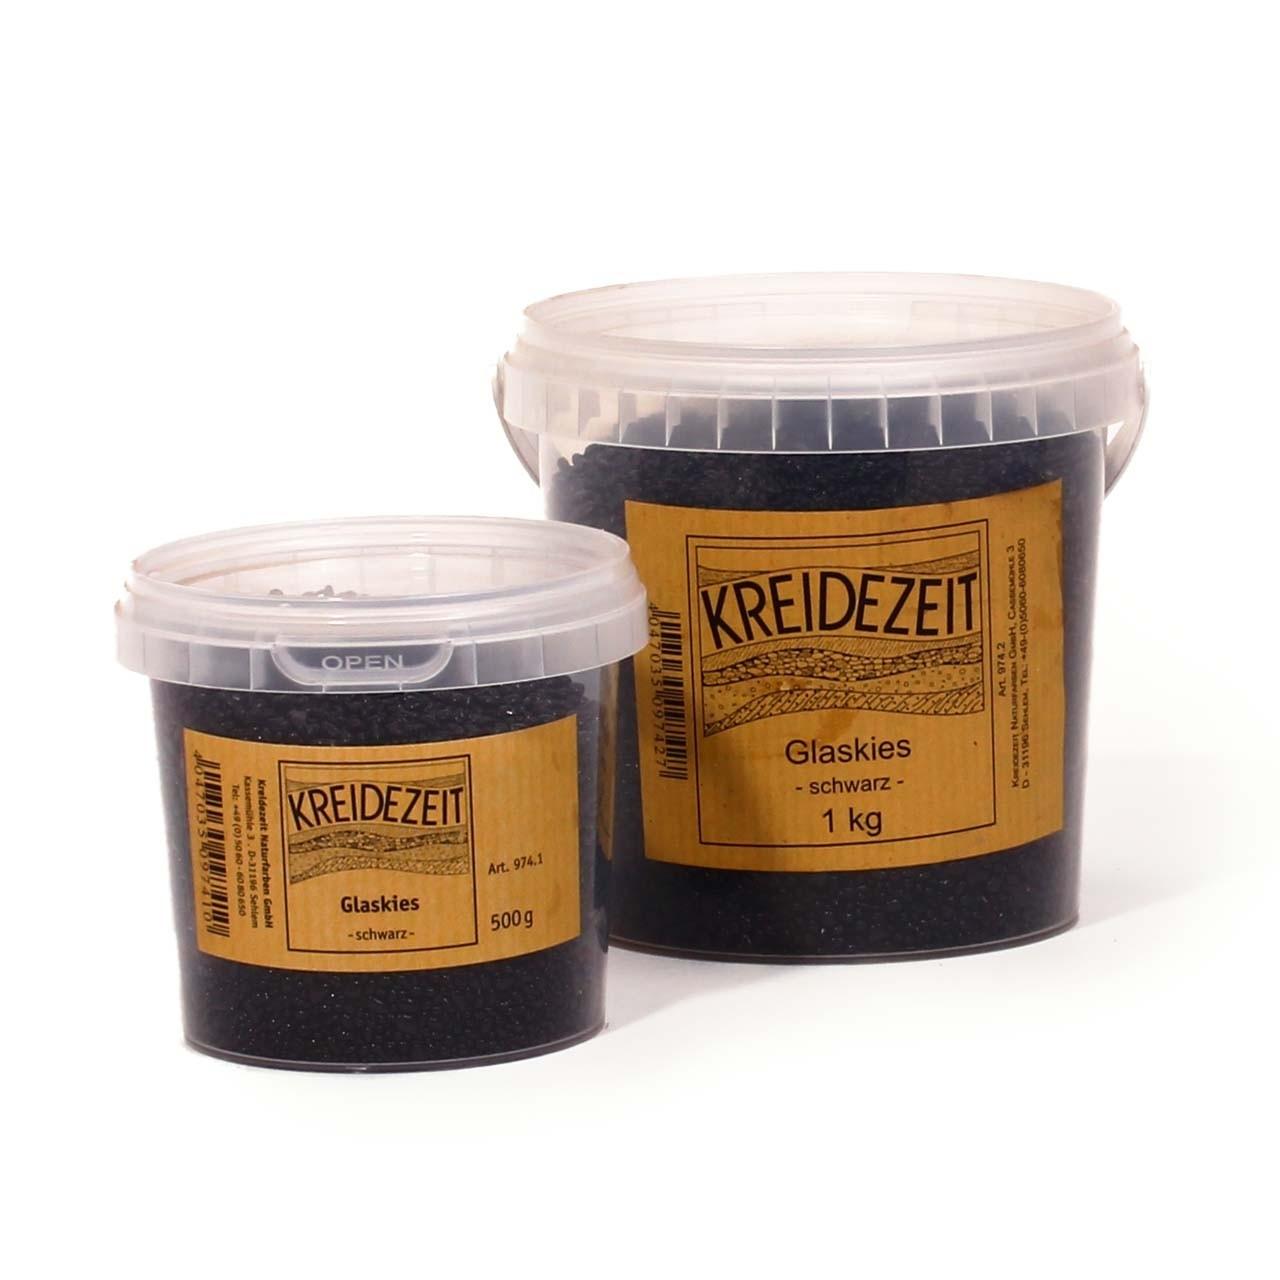 Kreidezeit Glaskies schwarz 20 kg